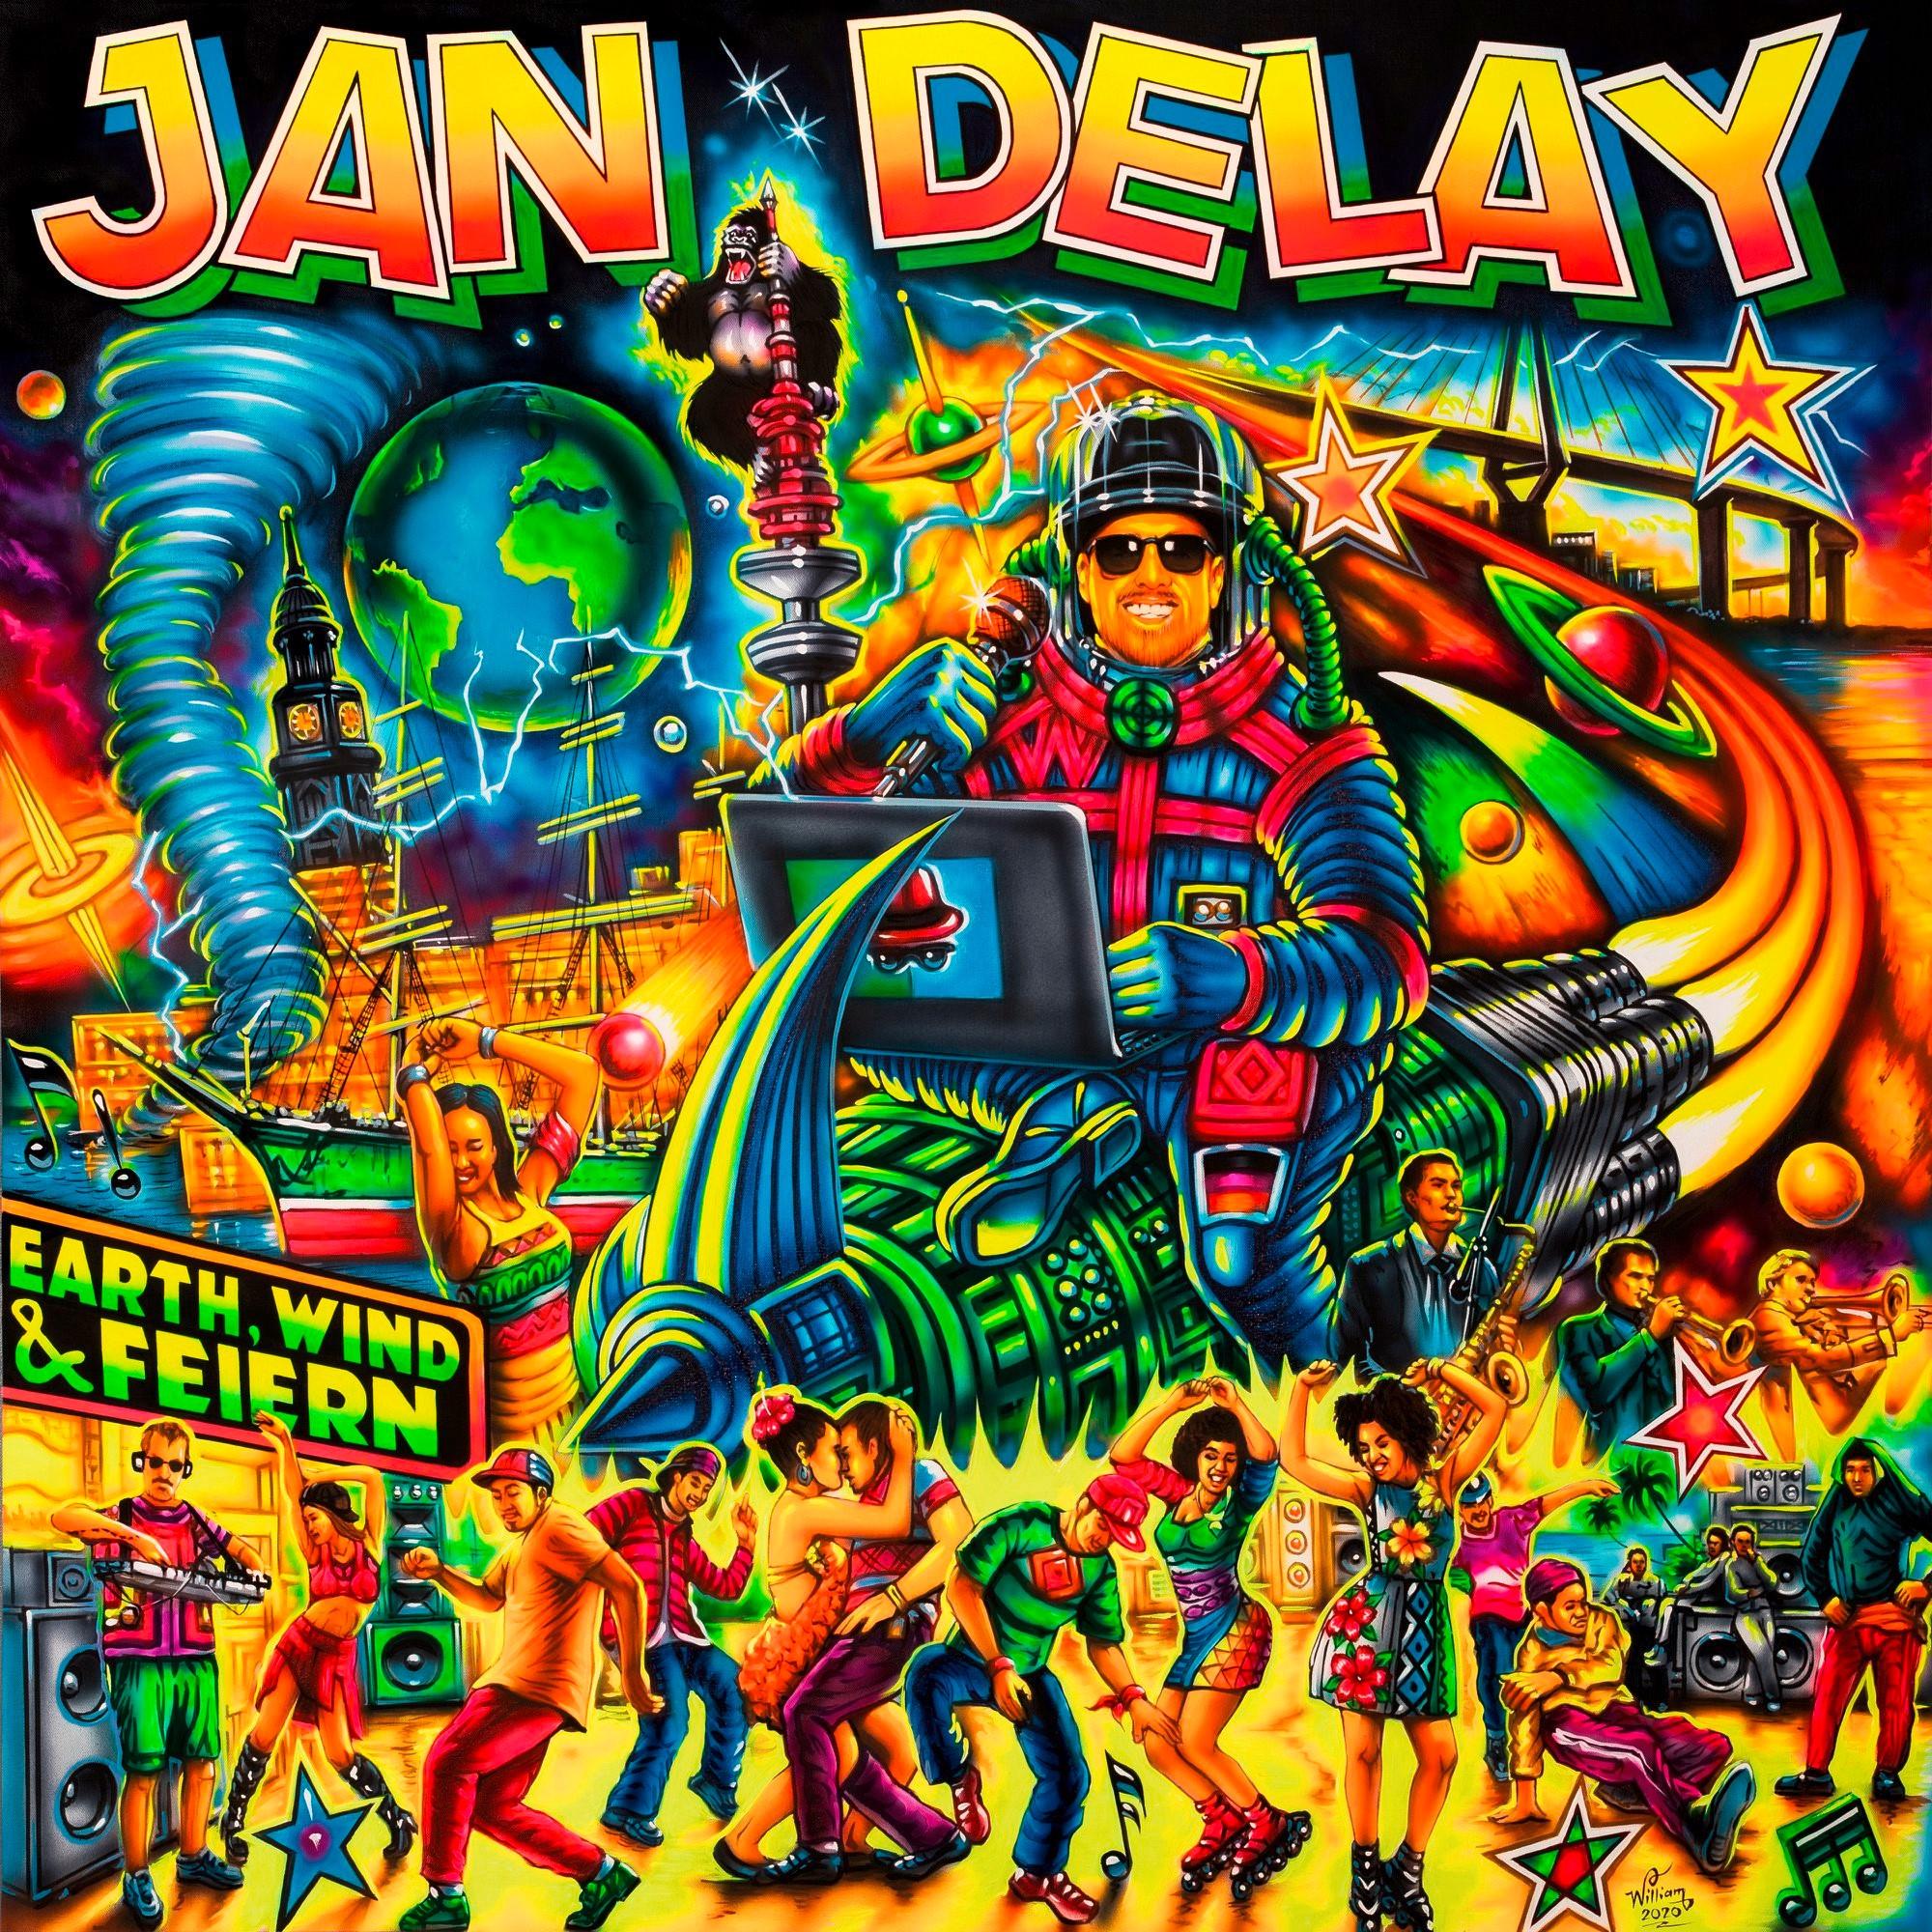 """Jan Delay kündigt sein neues Album """"Earth, Wind & Feiern"""" an mit der Single Intro"""